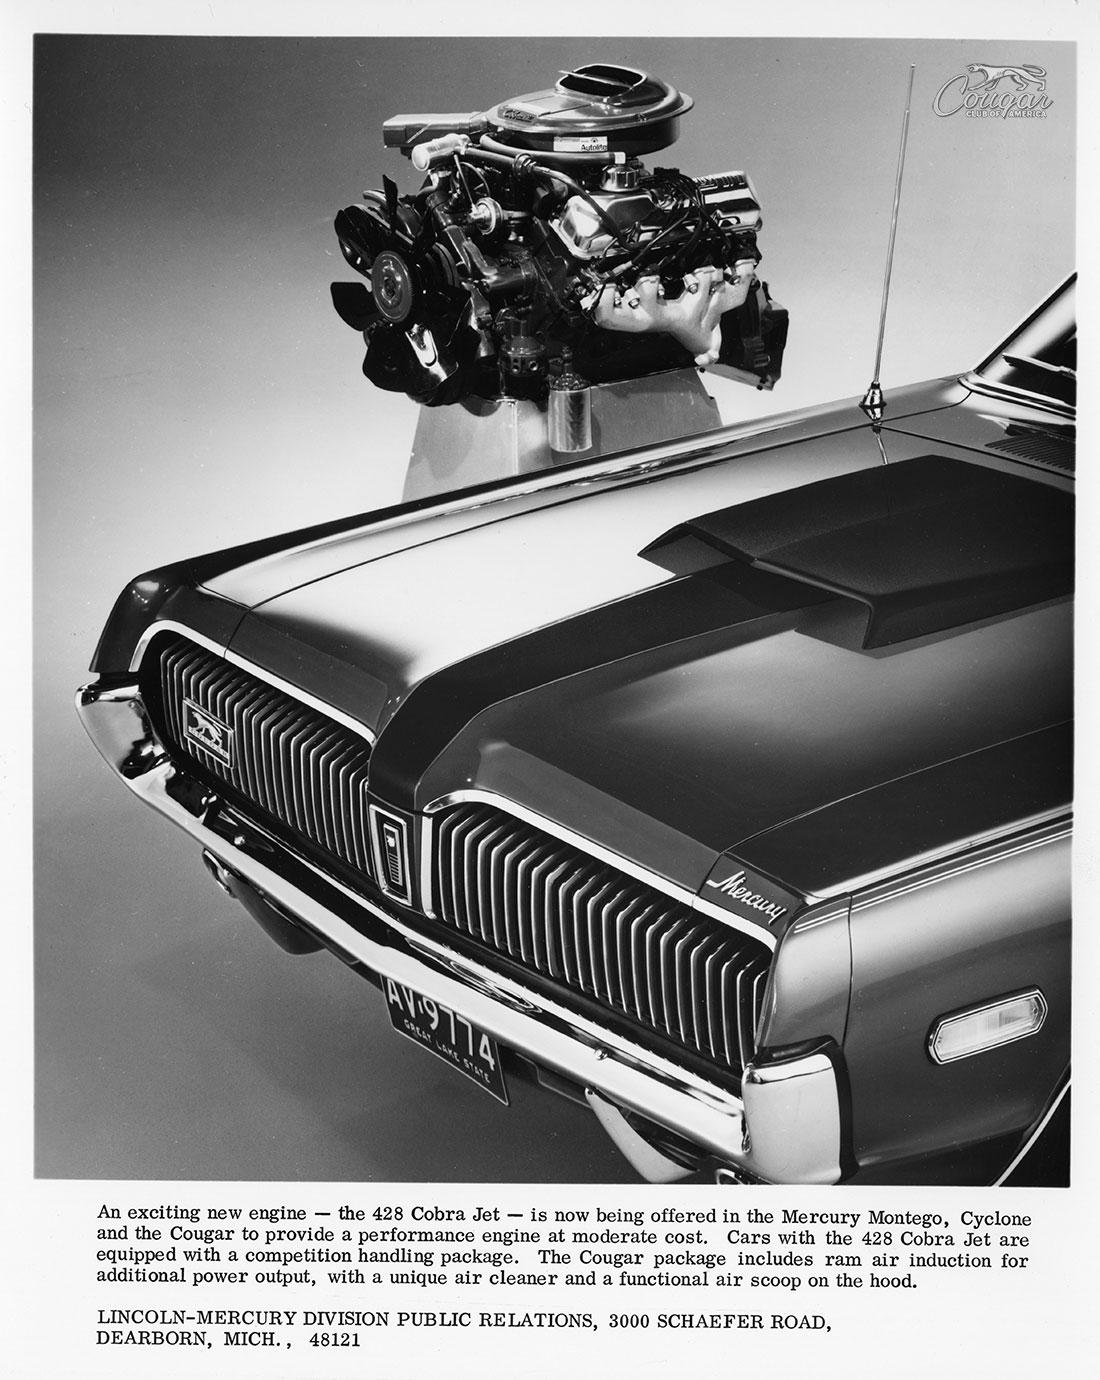 1968 Mercury Cougar R-Code Option 428CJ Ad